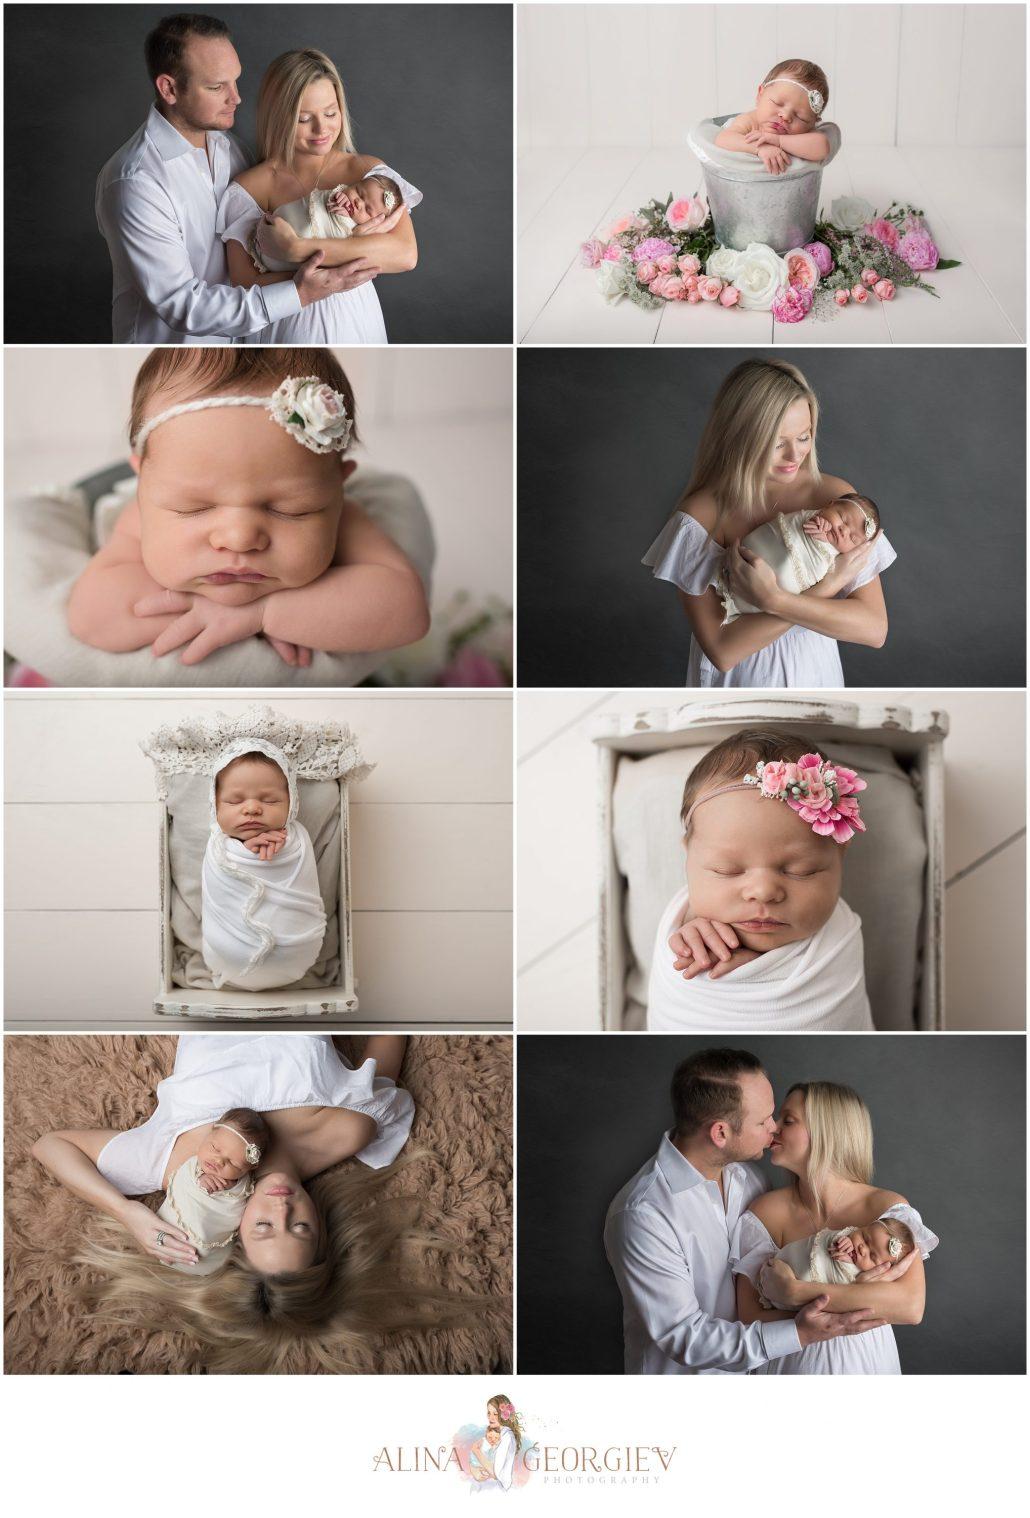 Plano Newborn Photographer Baby Everly